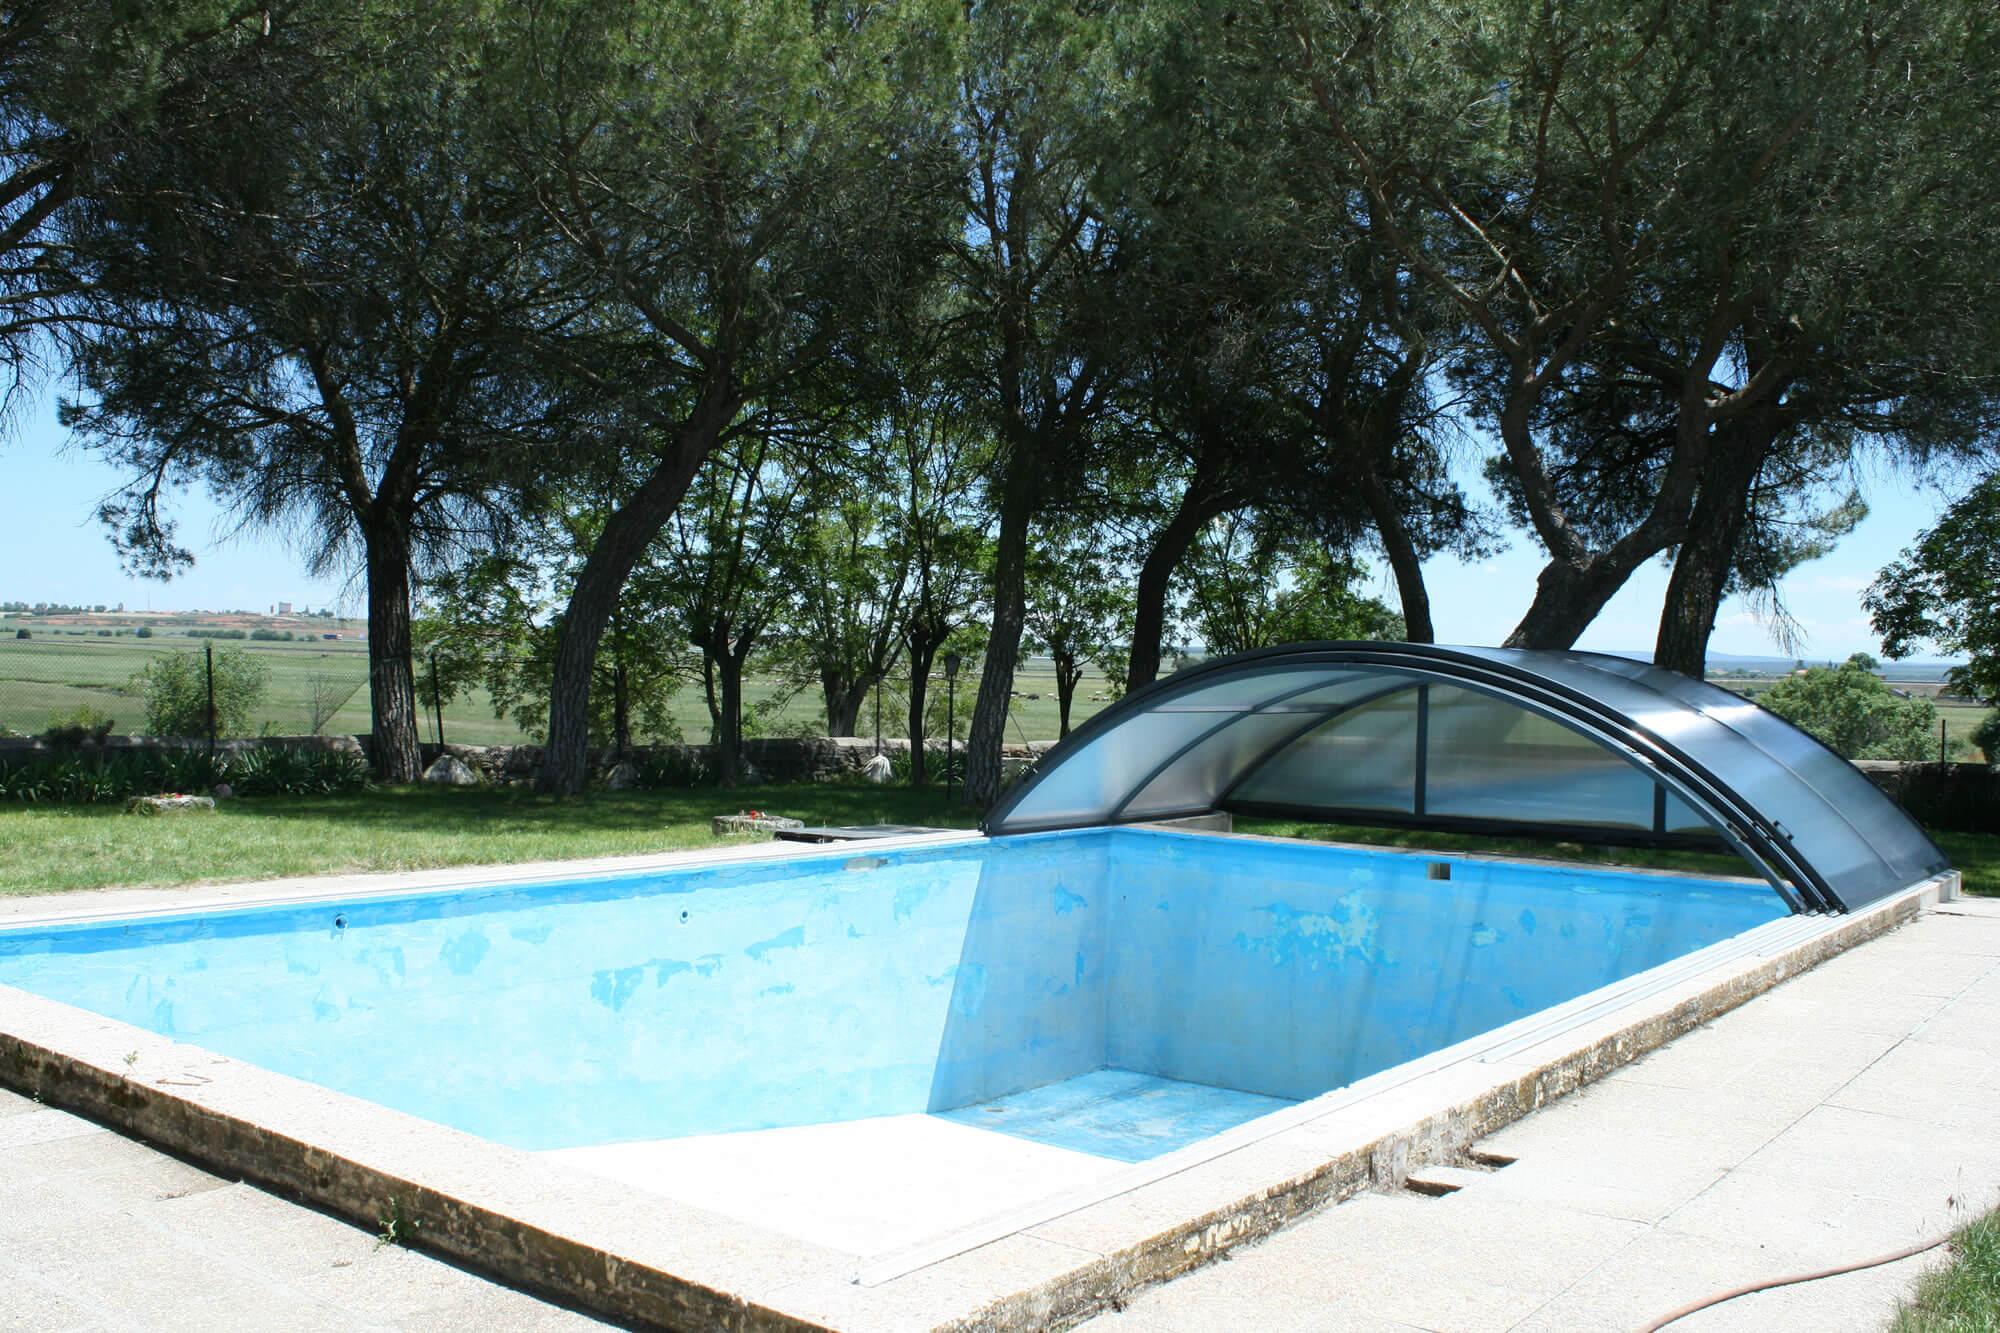 Cubierta Teide Plus con carriles: Cubierta baja y telescópica con railes en Valladolid exterior